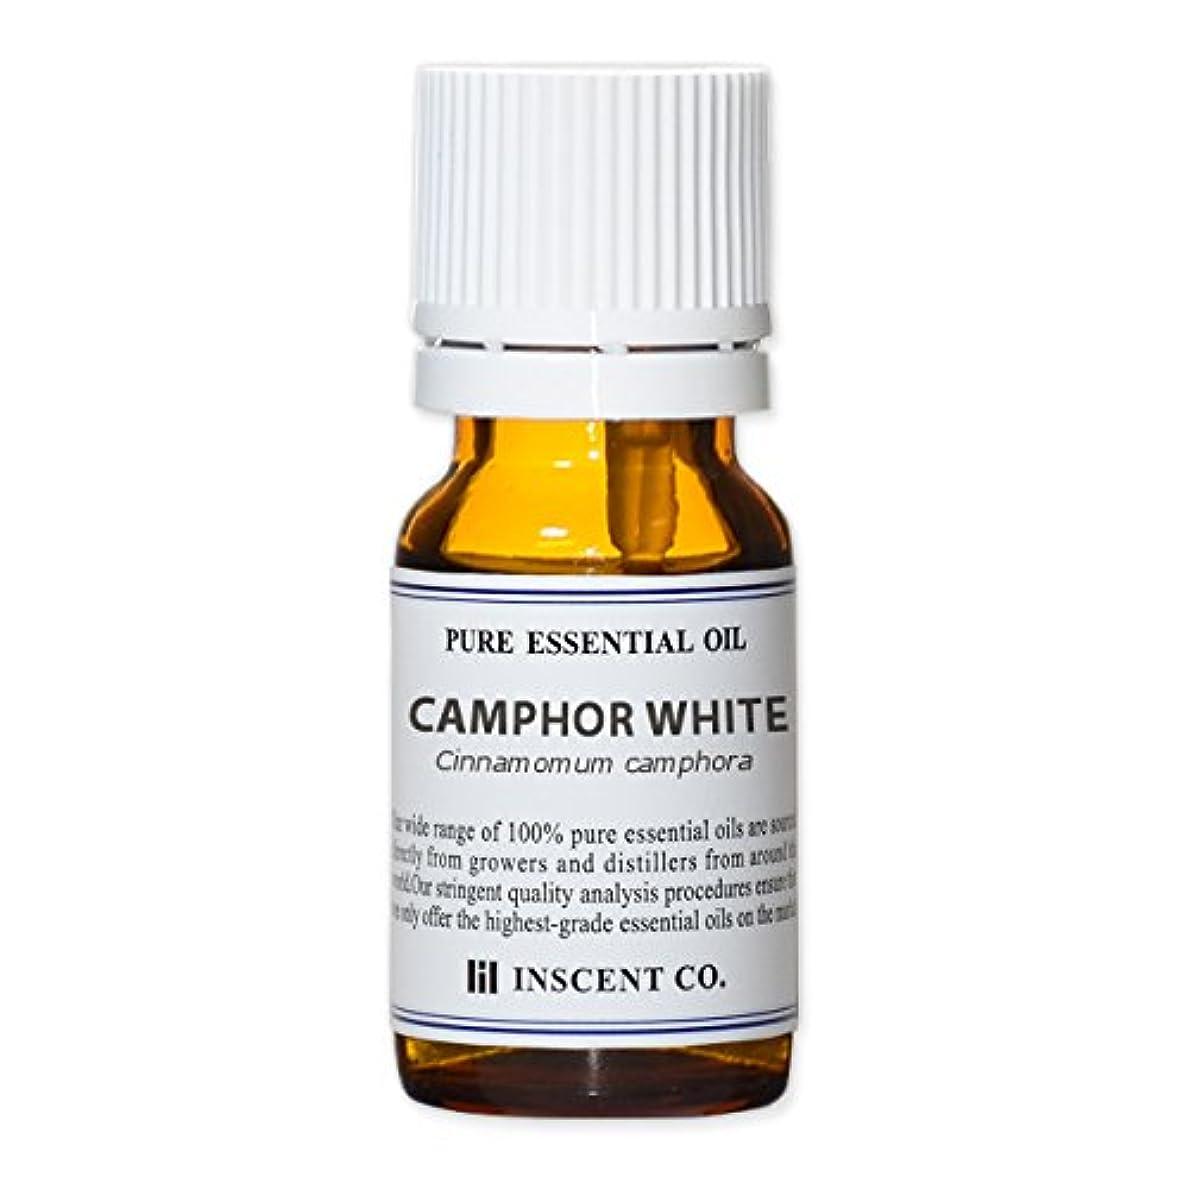 全能召喚する腐食するカンファー (ホワイト) 10ml インセント アロマオイル AEAJ 表示基準適合認定精油